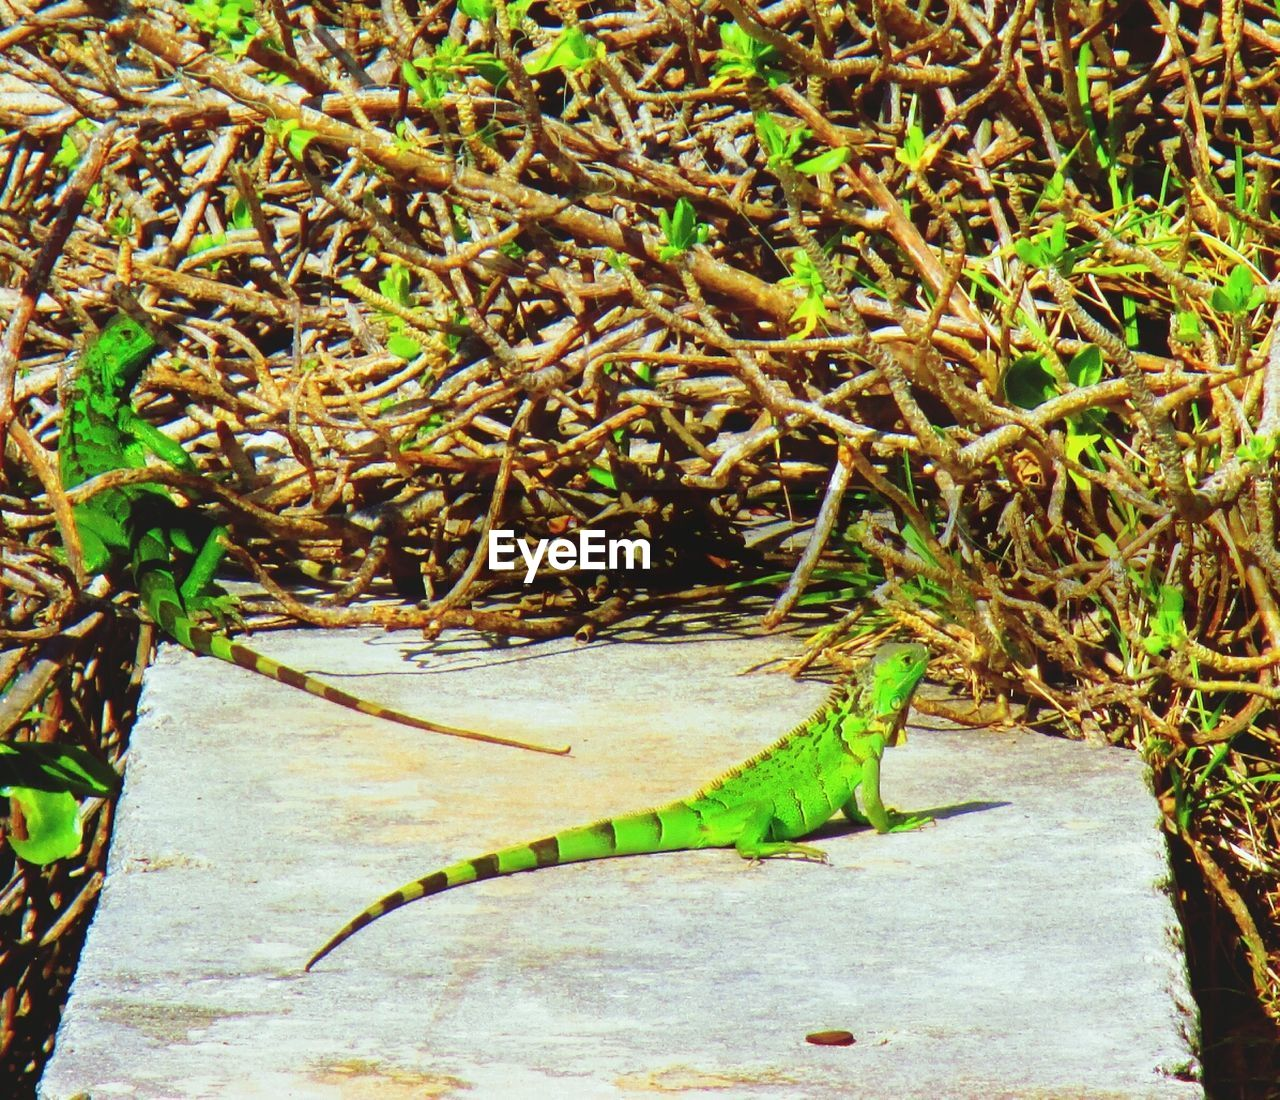 Iguanas by bush